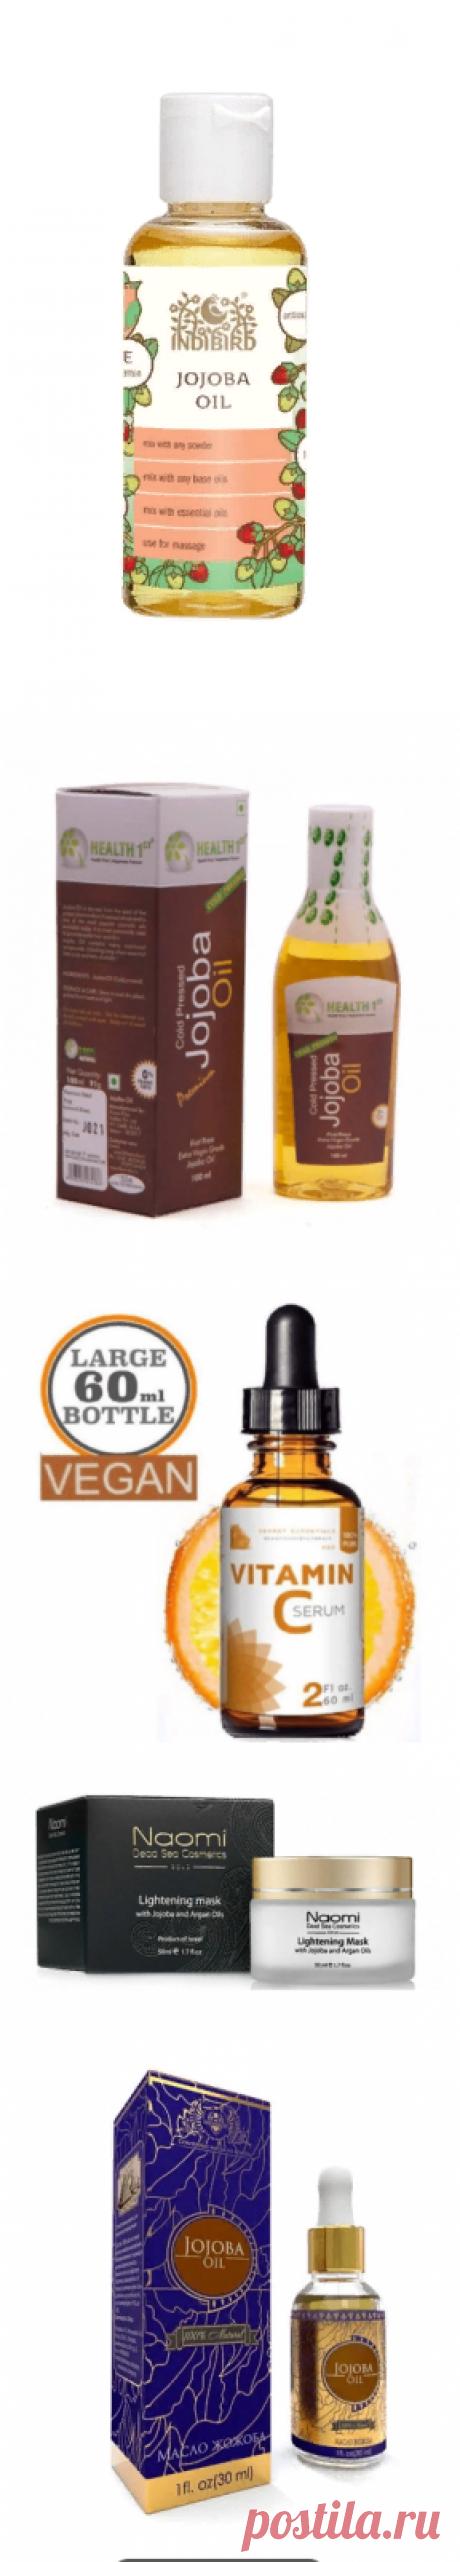 Масло жожоба: недорогое и лучшее косметическое средство для гладкой кожи и красивых волос